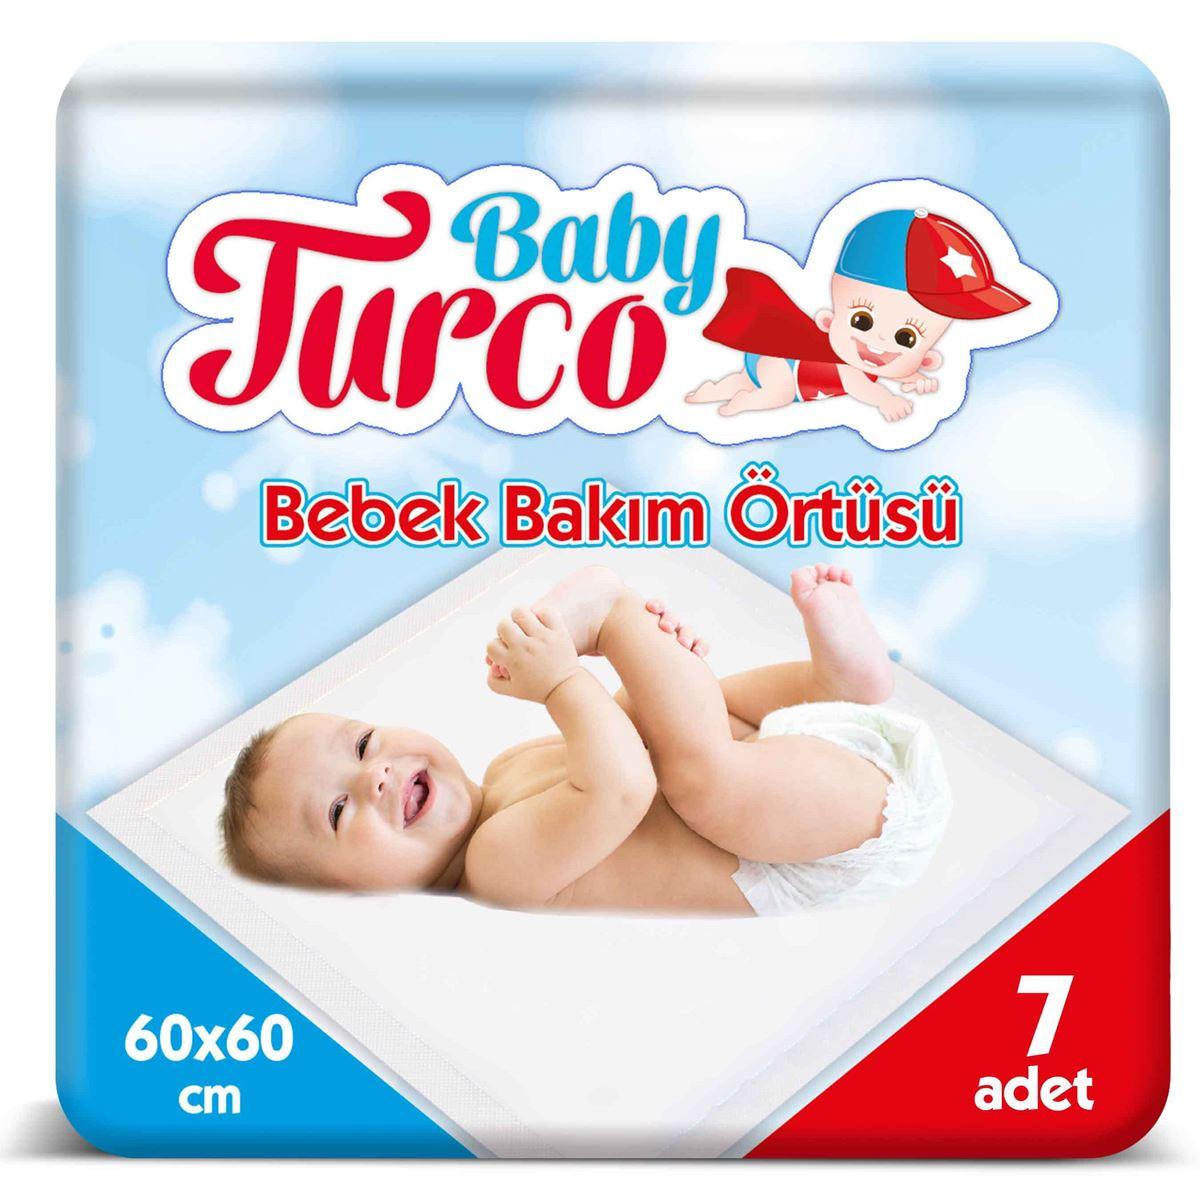 BABY TURCO BEBEK BAKIM ÖRTÜSÜ